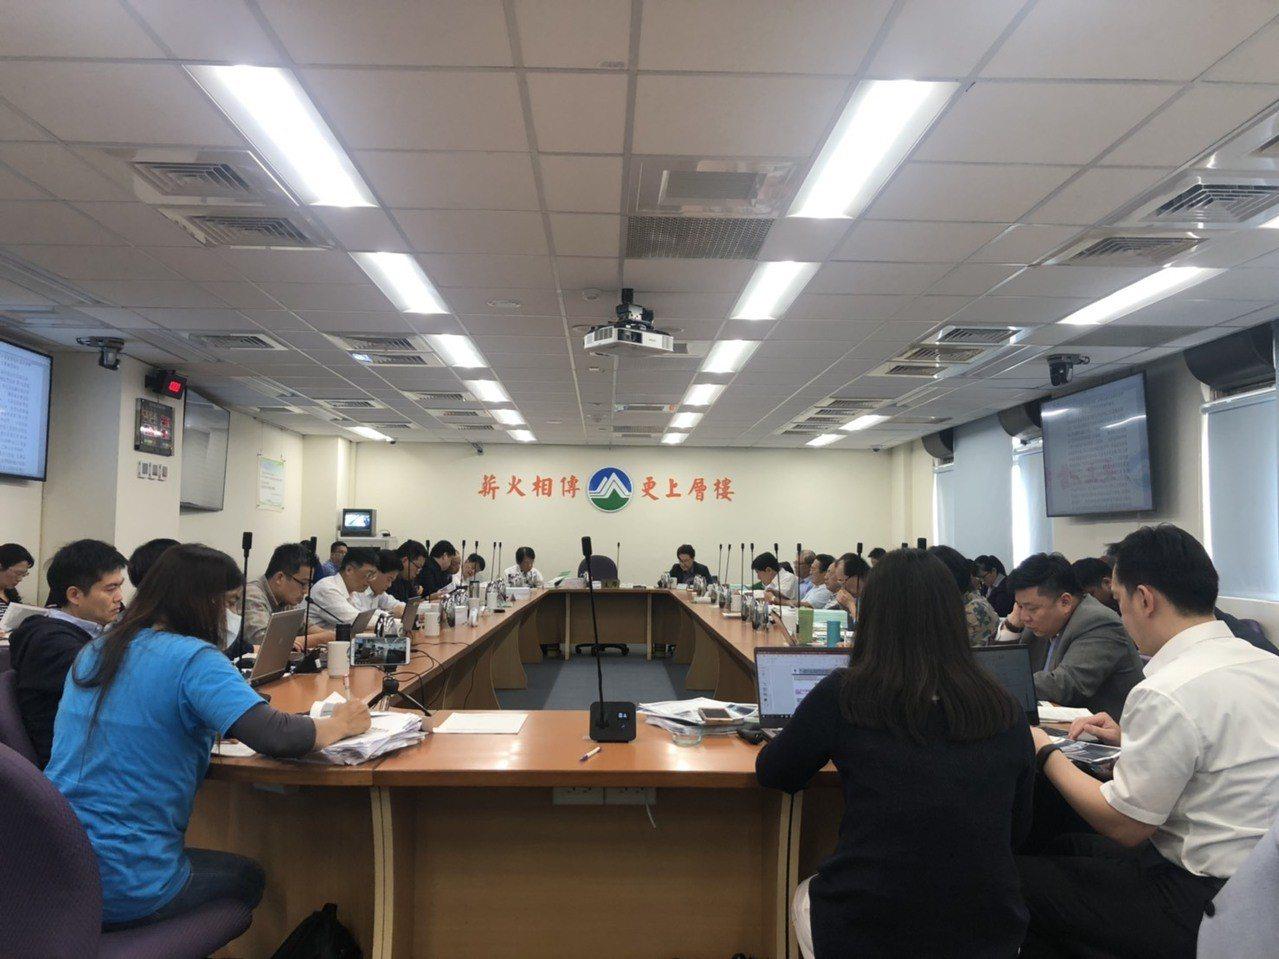 環保署今天下午召開環評大會審查「福海離岸風力發電廠」案。記者侯俐安/攝影